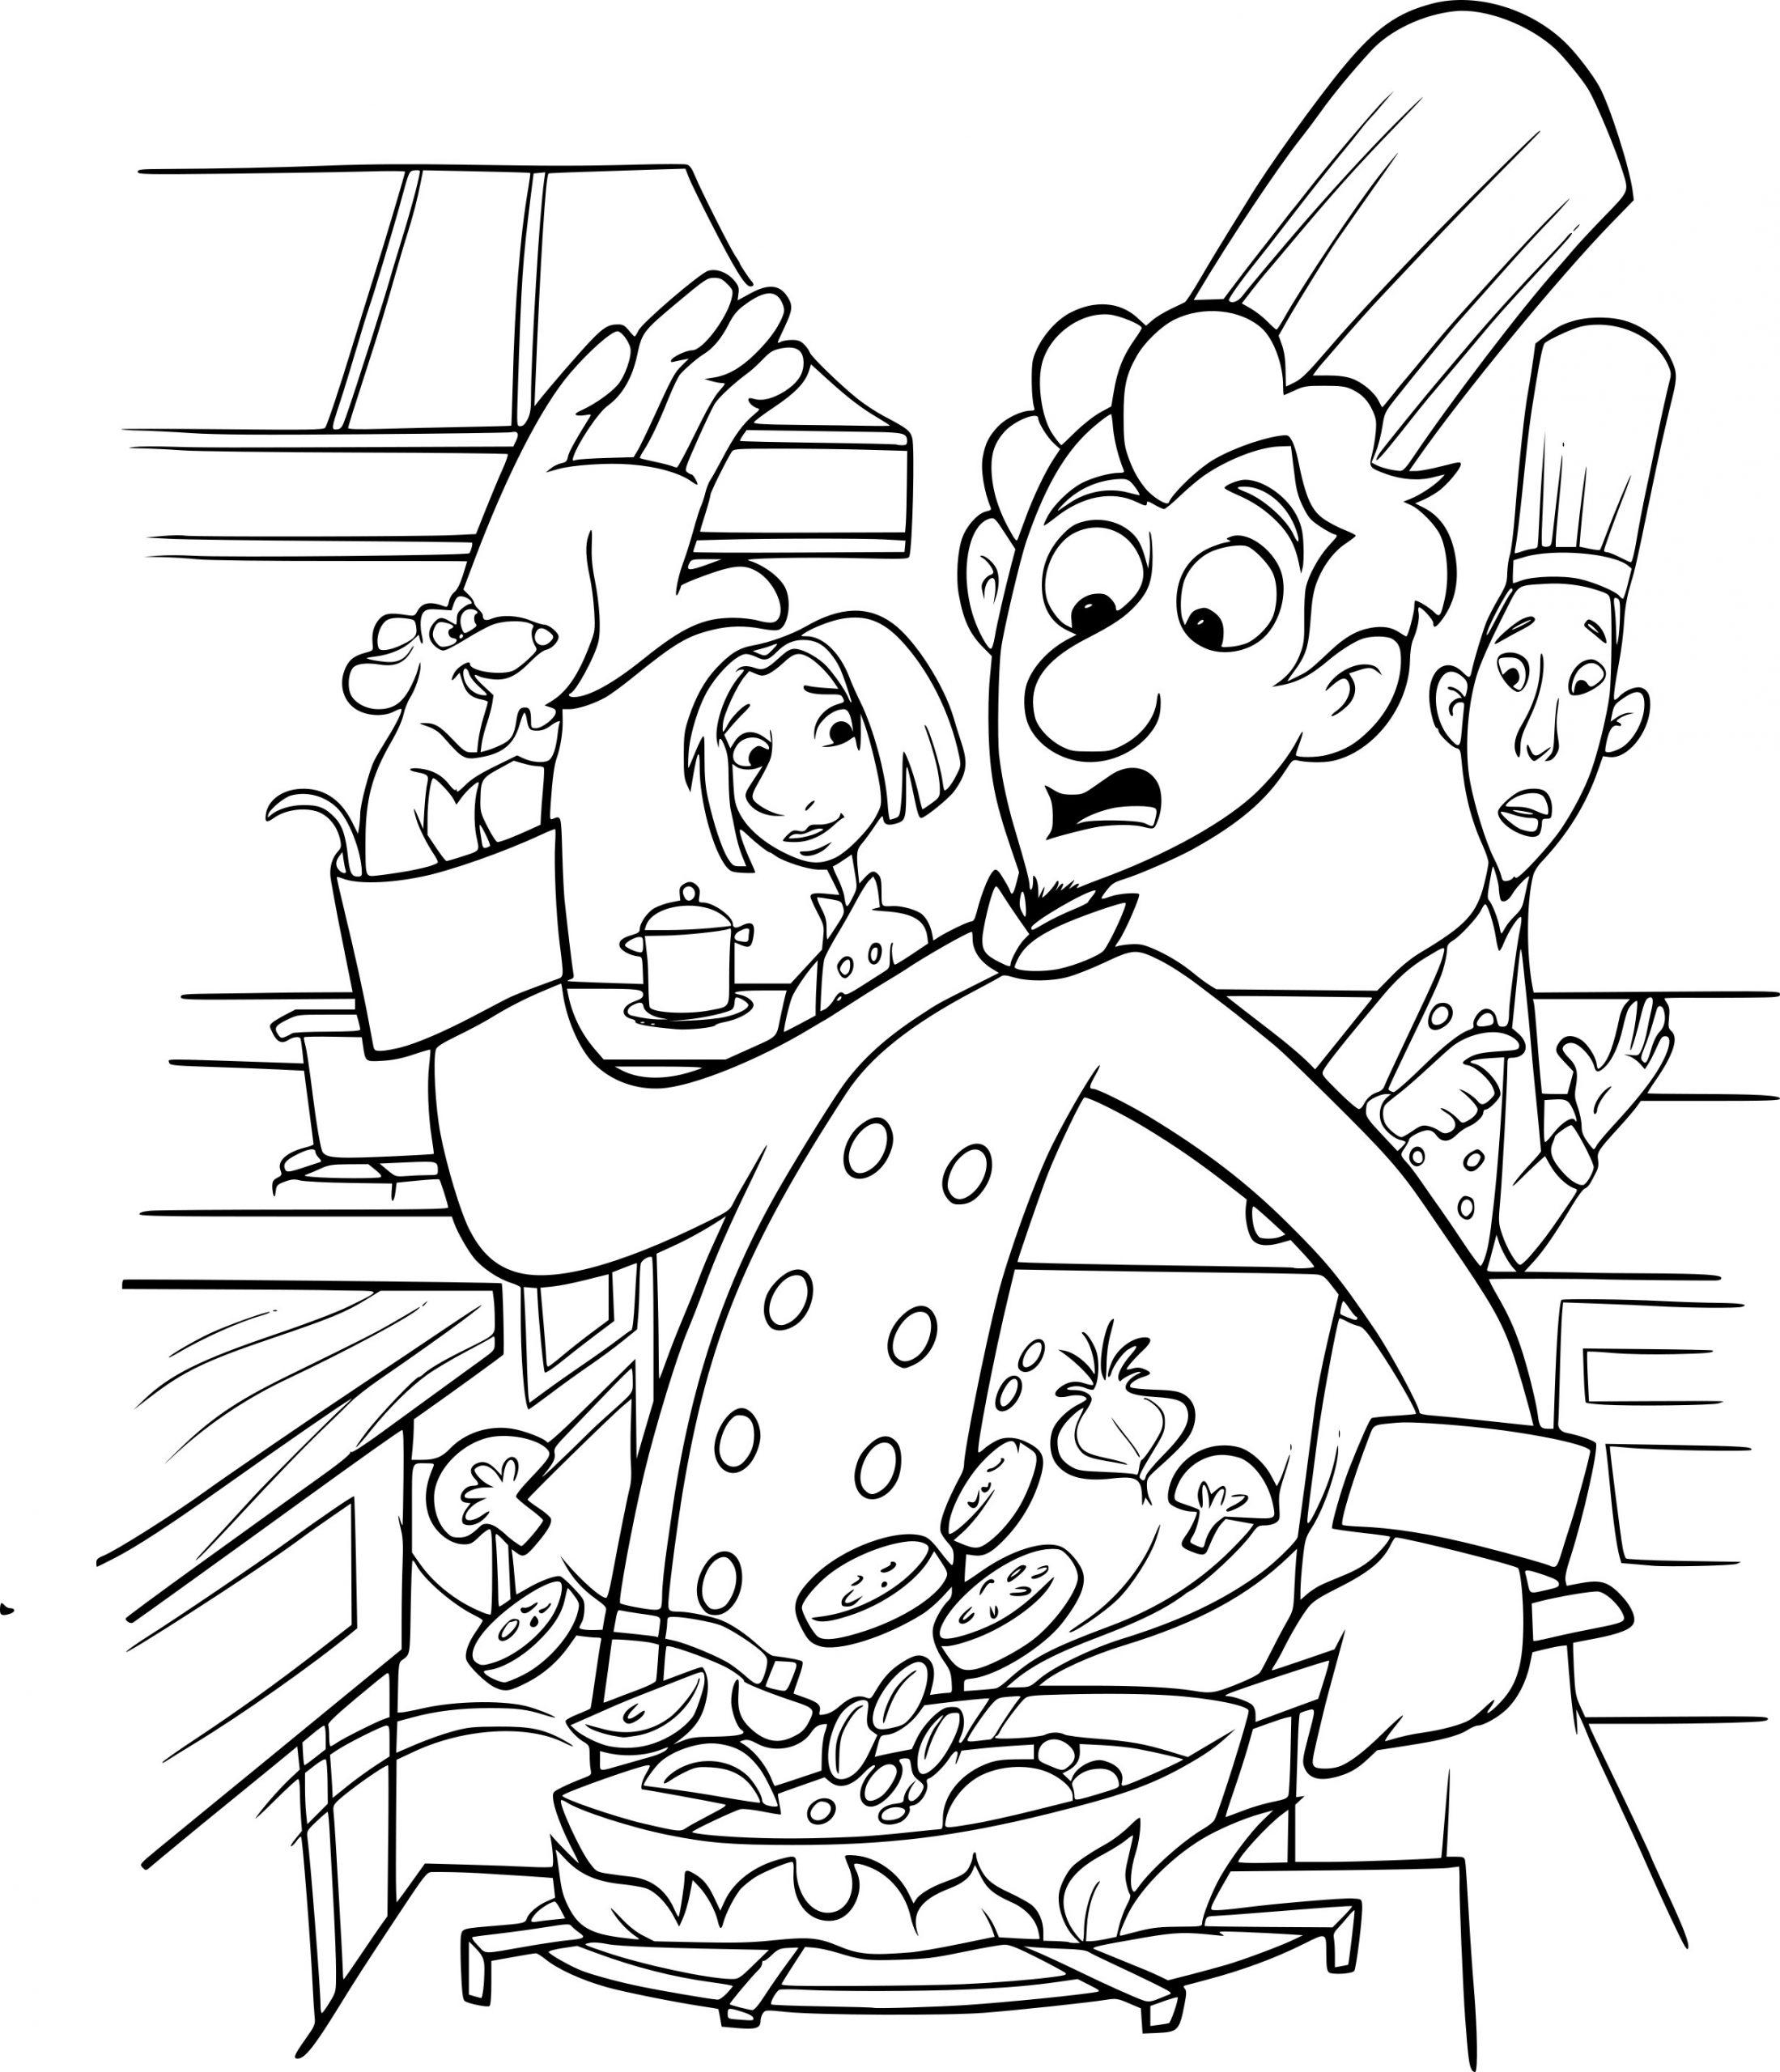 Coloriage Rauille Disney Dessin À Imprimer Sur concernant Dessin Ratatouille